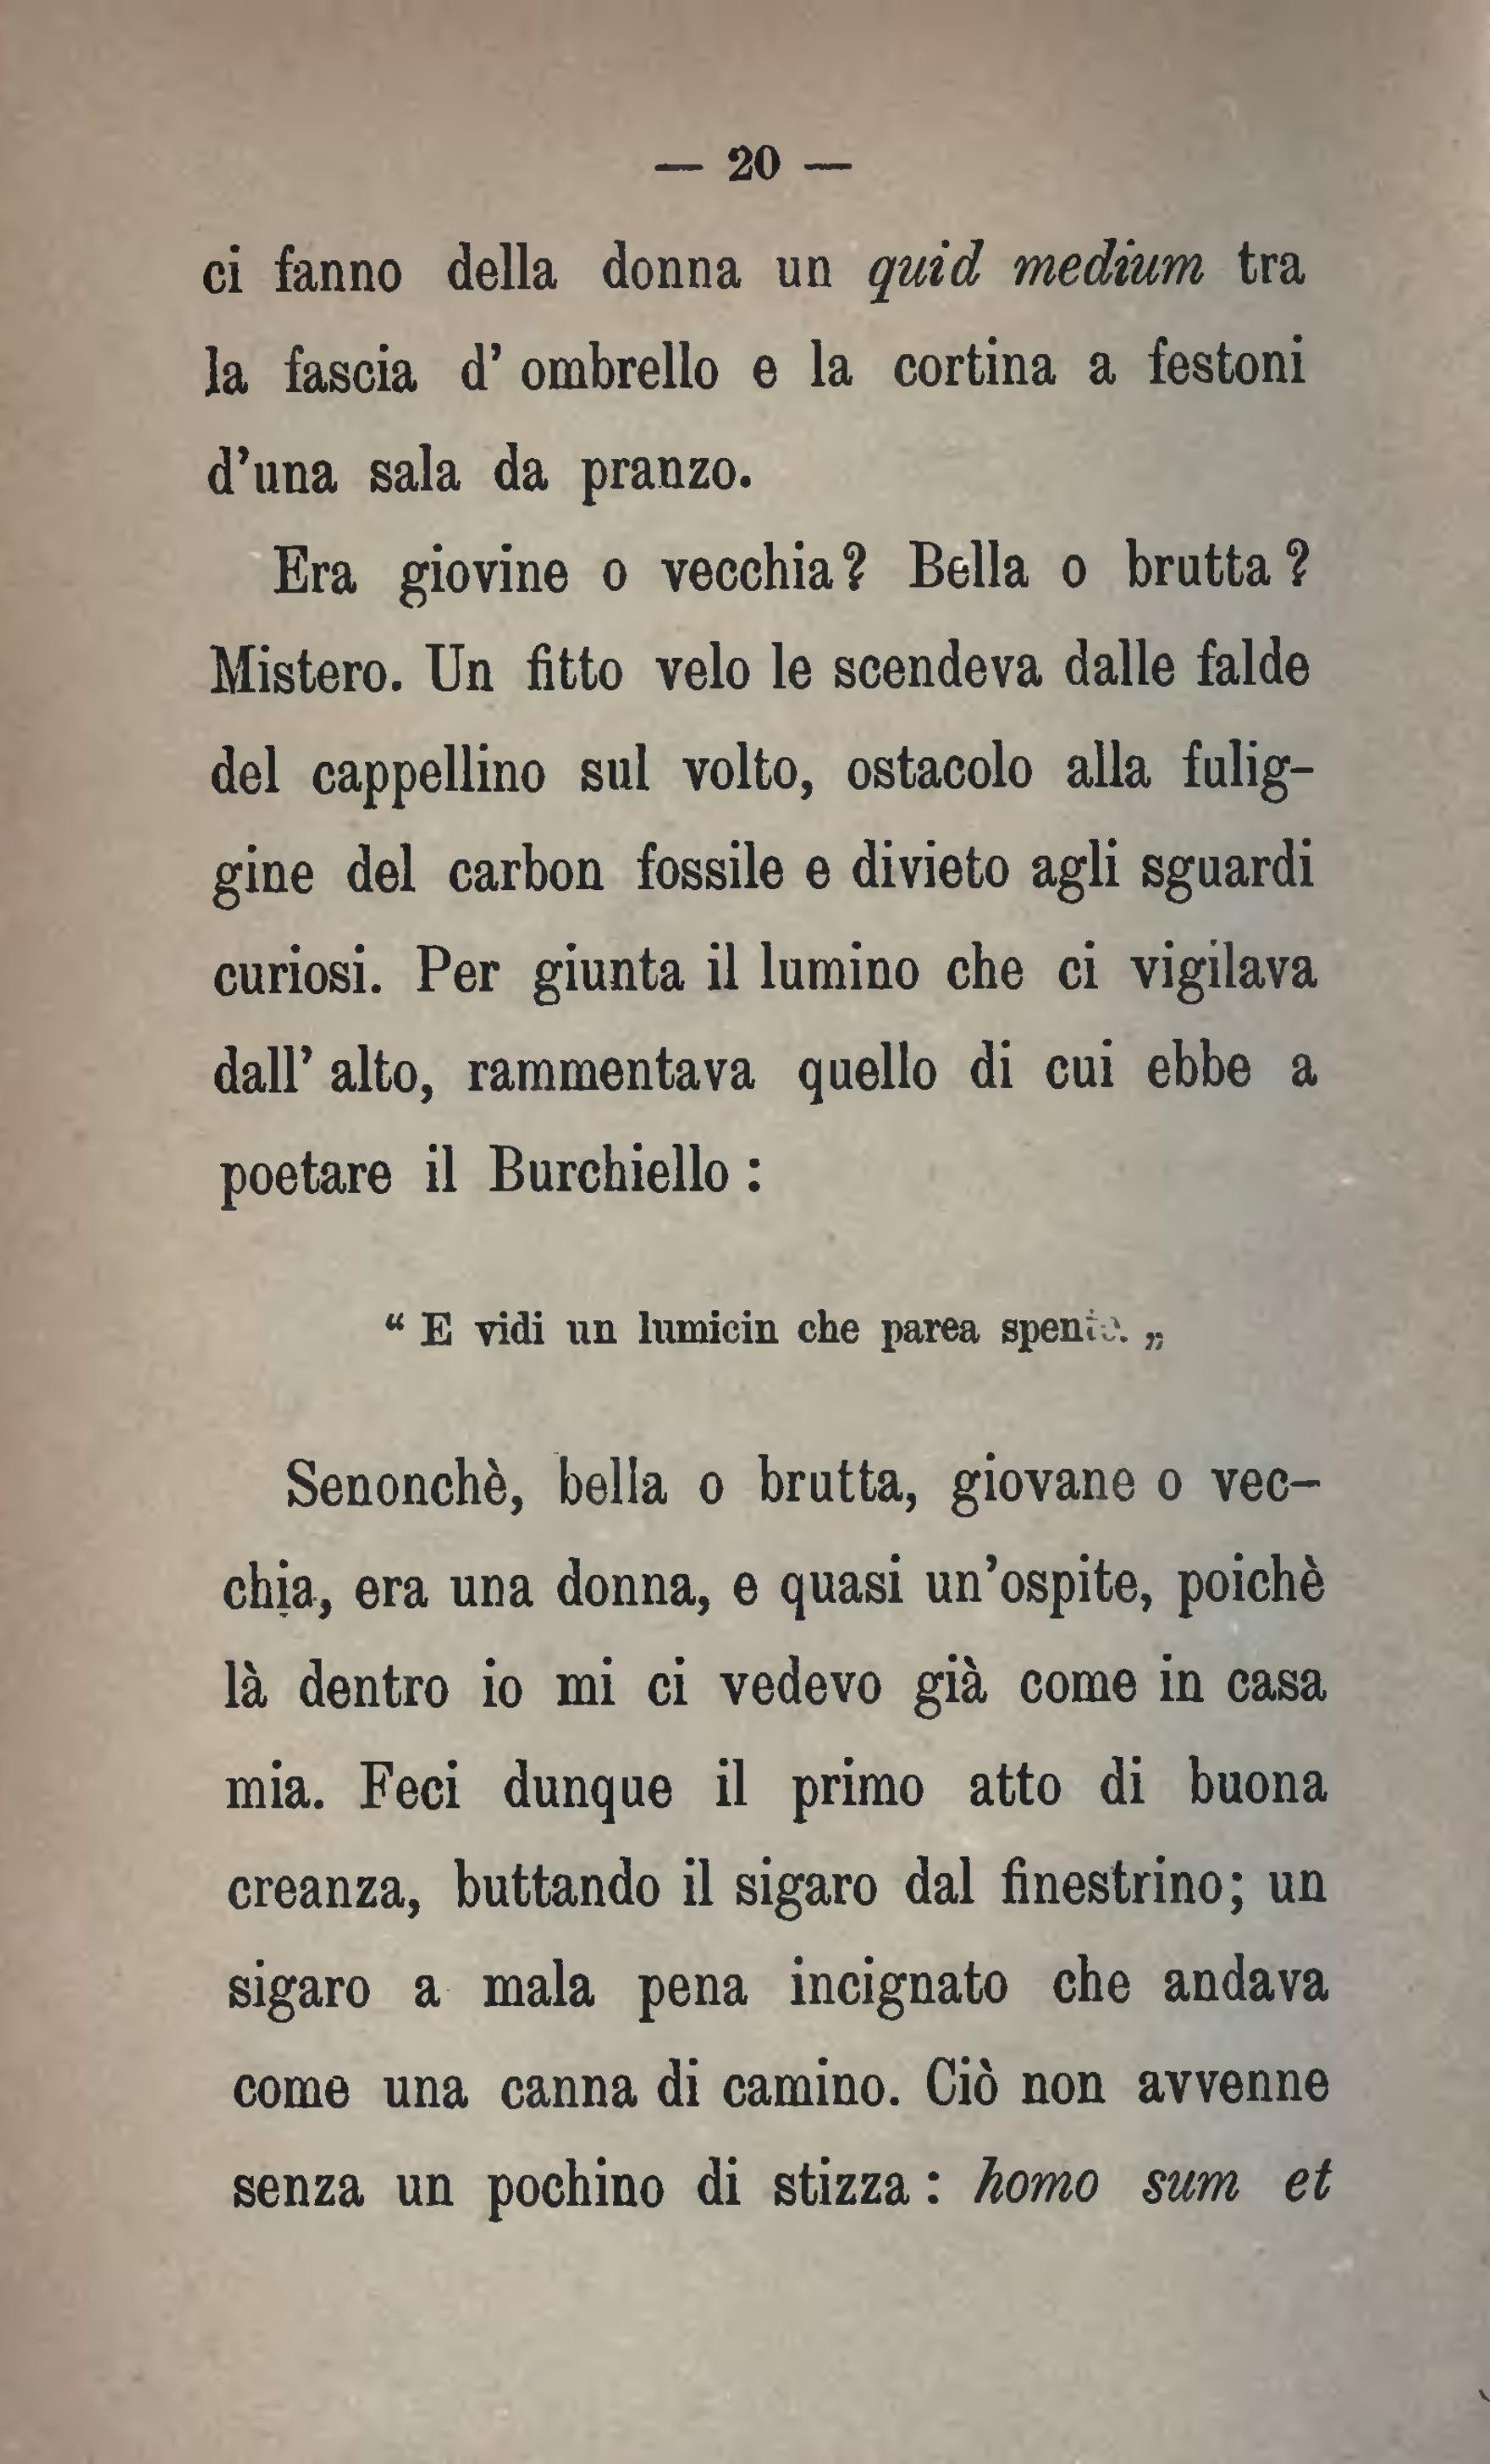 Pagina Barrili Come Un Sogno Milano Treves 1889 Djvu 28